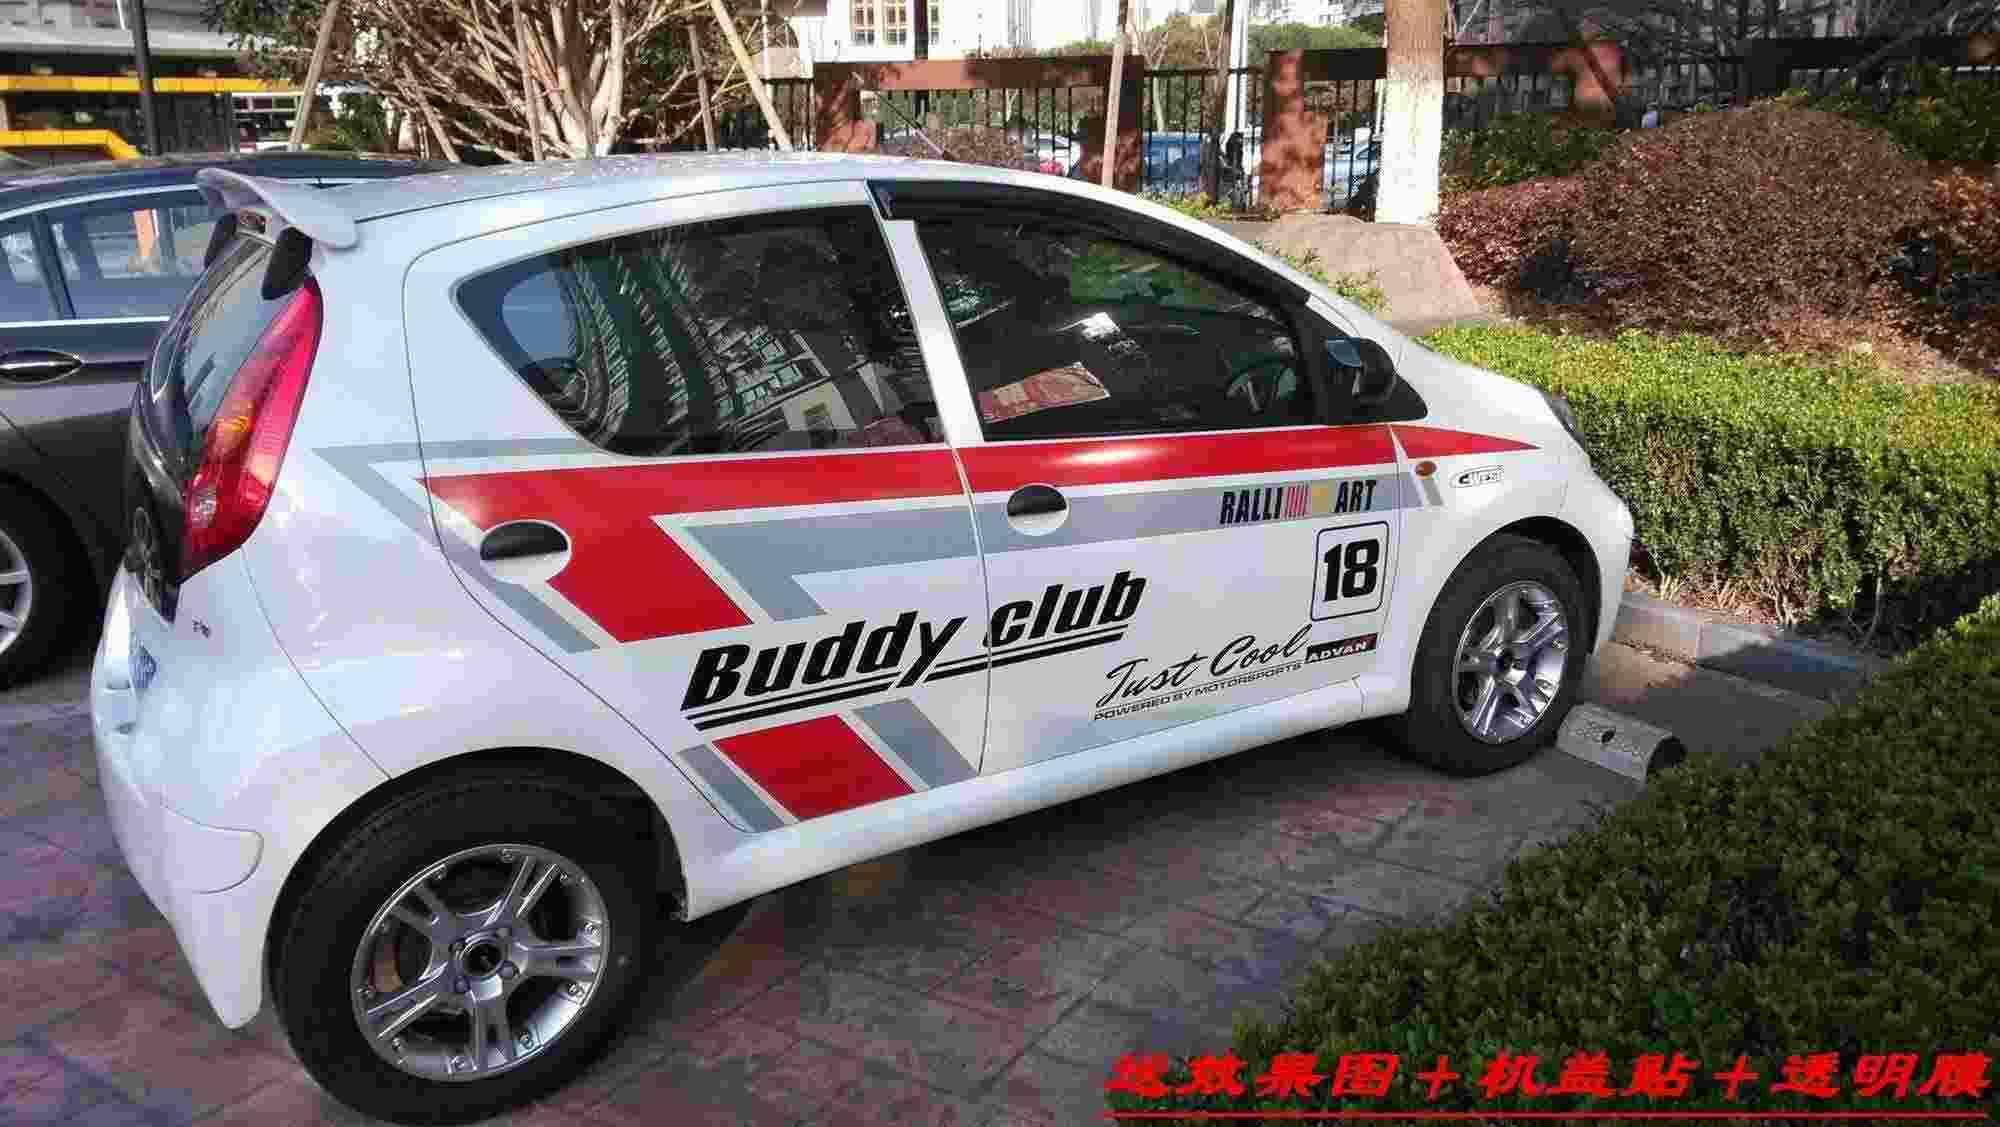 Sport car sticker design - Byd Byd Byd F0 F0 Car Stickers Garland Modified Sports Car Cartoon Vehicle Stickers Fu023